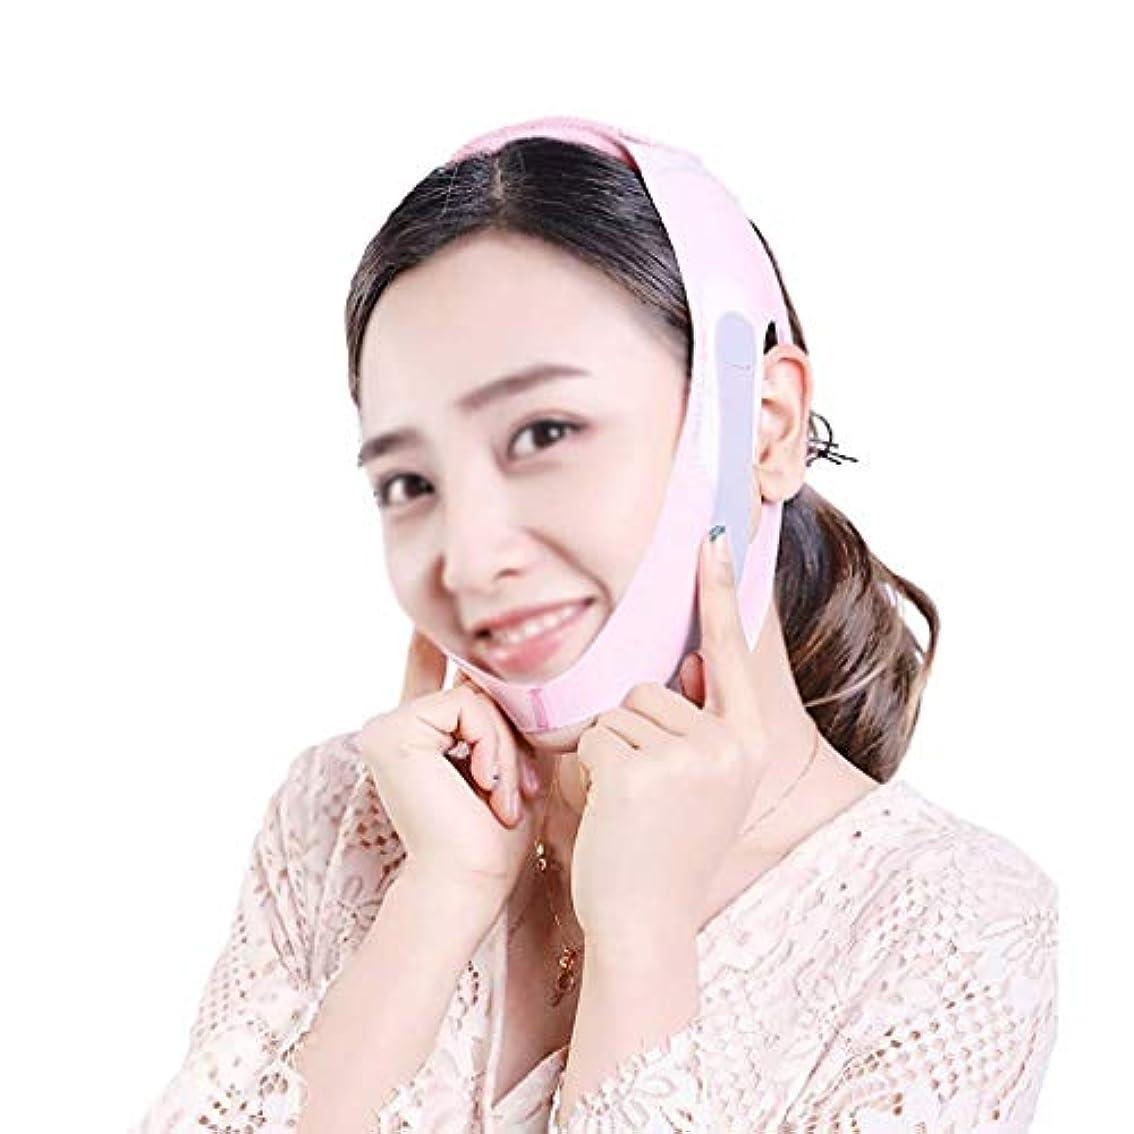 アデレード補助損なうフェイシャルマスク、フェイスリフティングアーティファクト包帯リムーバーダブルチンスティックリフティングタイトなマッサージ師筋肉リフティングフェイスを垂れ防止スリミングベルト